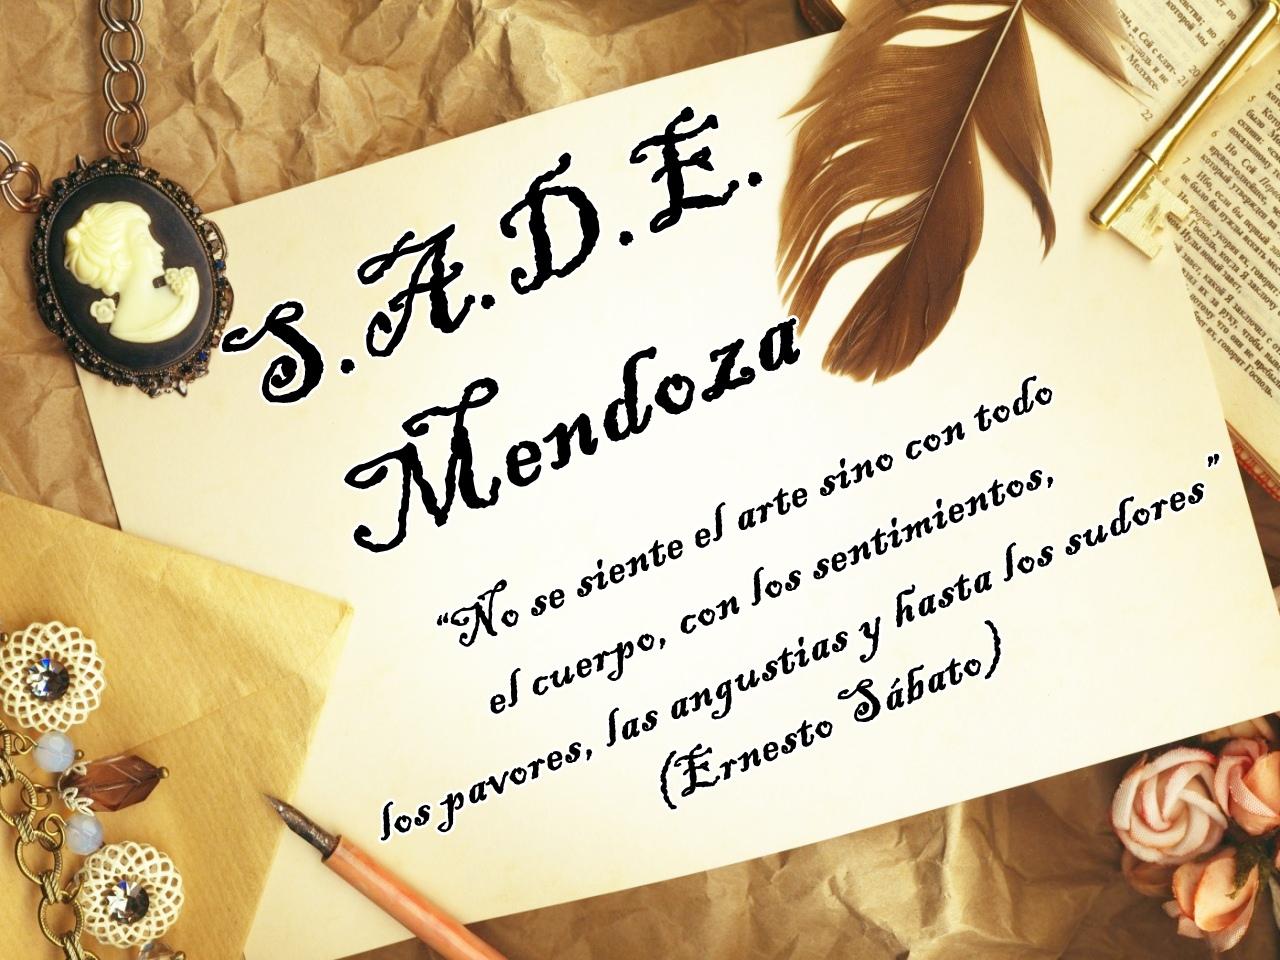 BLOG DE S.A.D.E. Mendoza